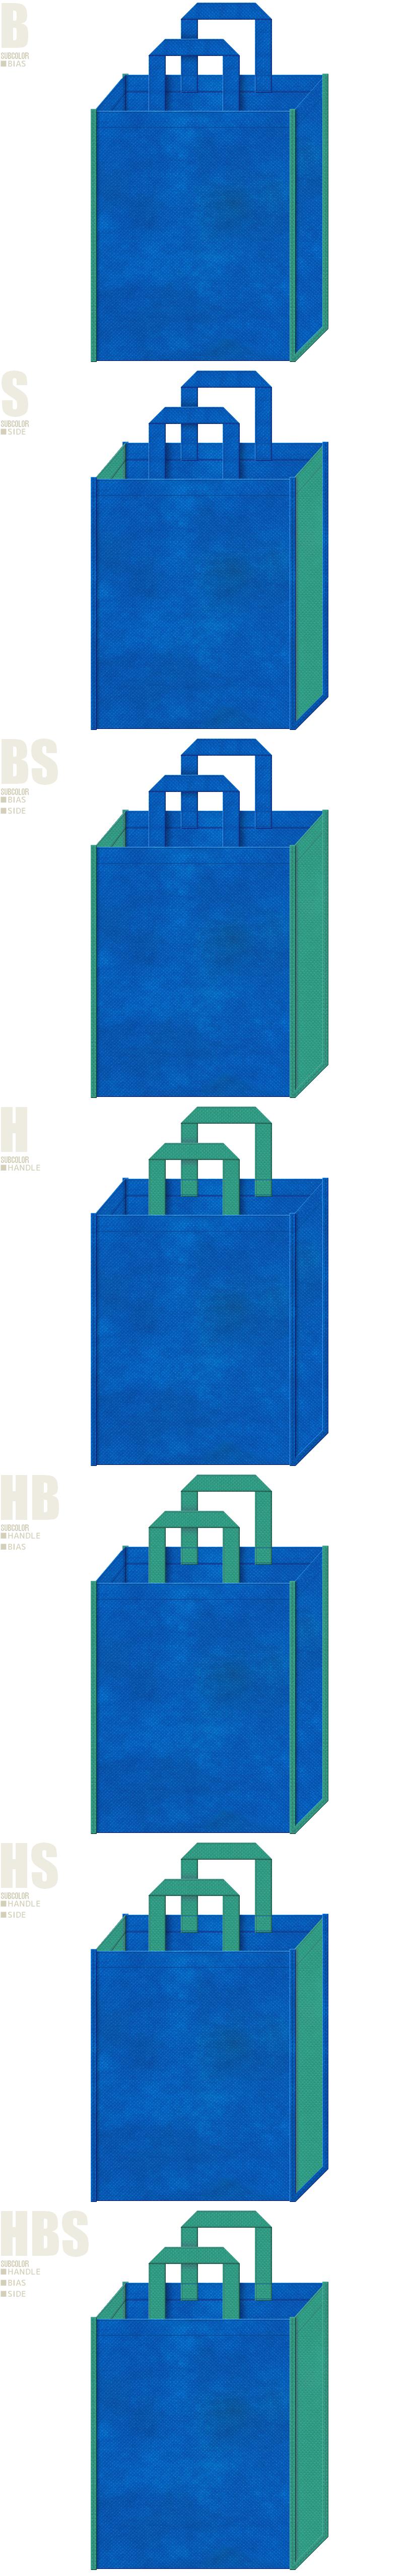 不織布トートバッグのデザイン例-不織布メインカラーNo.22+サブカラーNo.31の2色7パターン